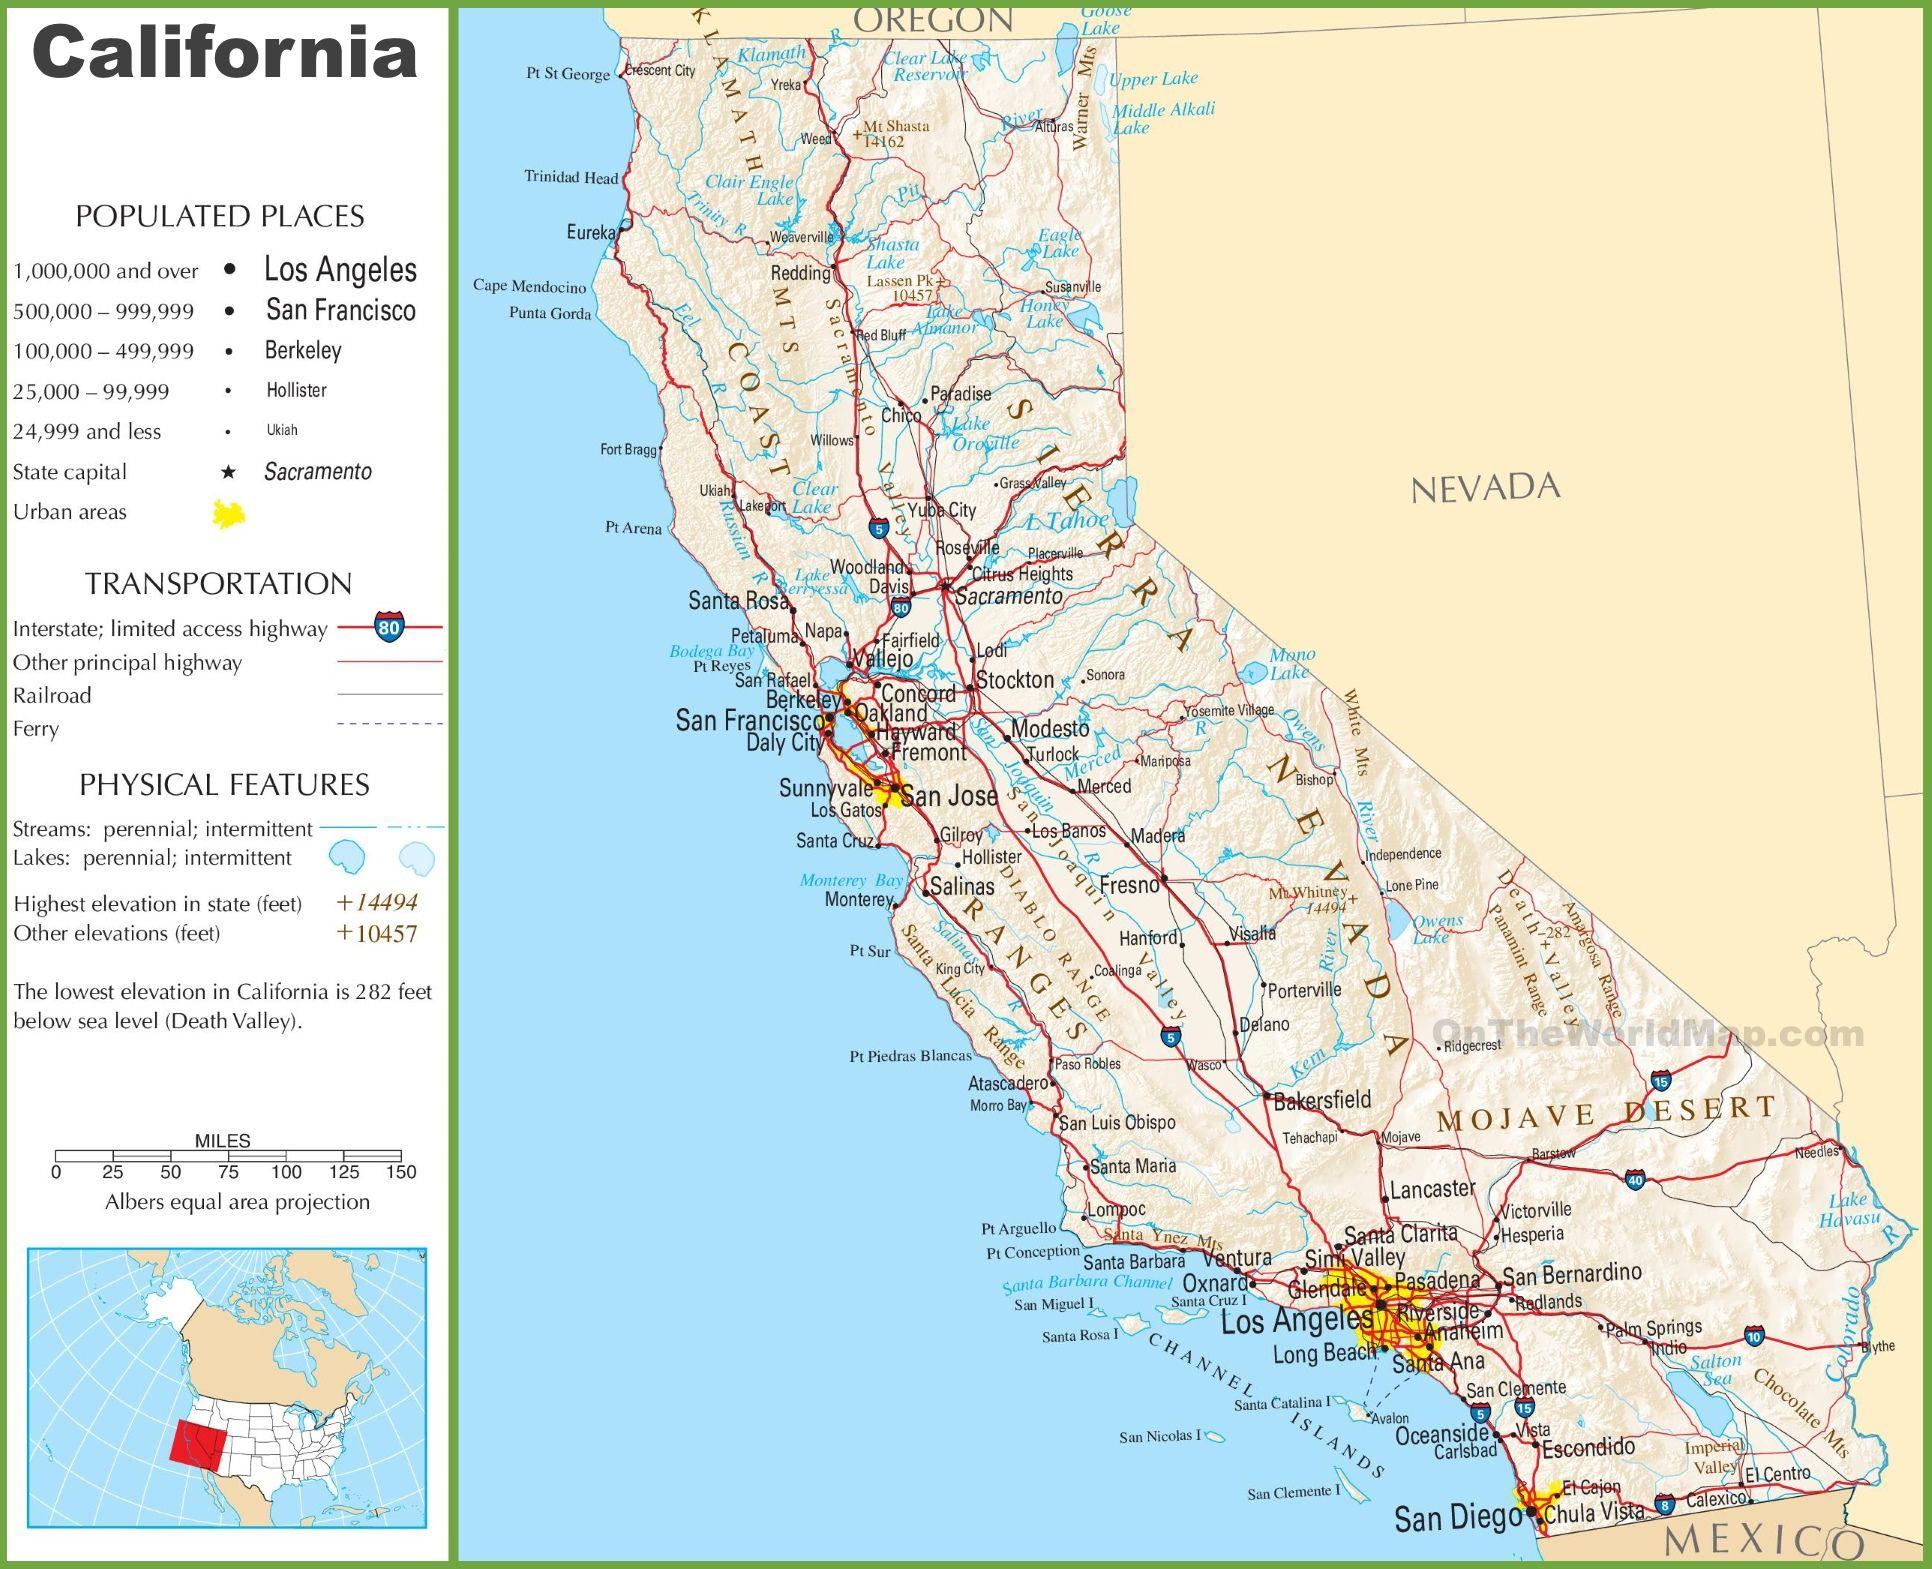 Dafaeddbea Road Maps Redondo Beach California Map - Klipy - Redondo Beach California Map